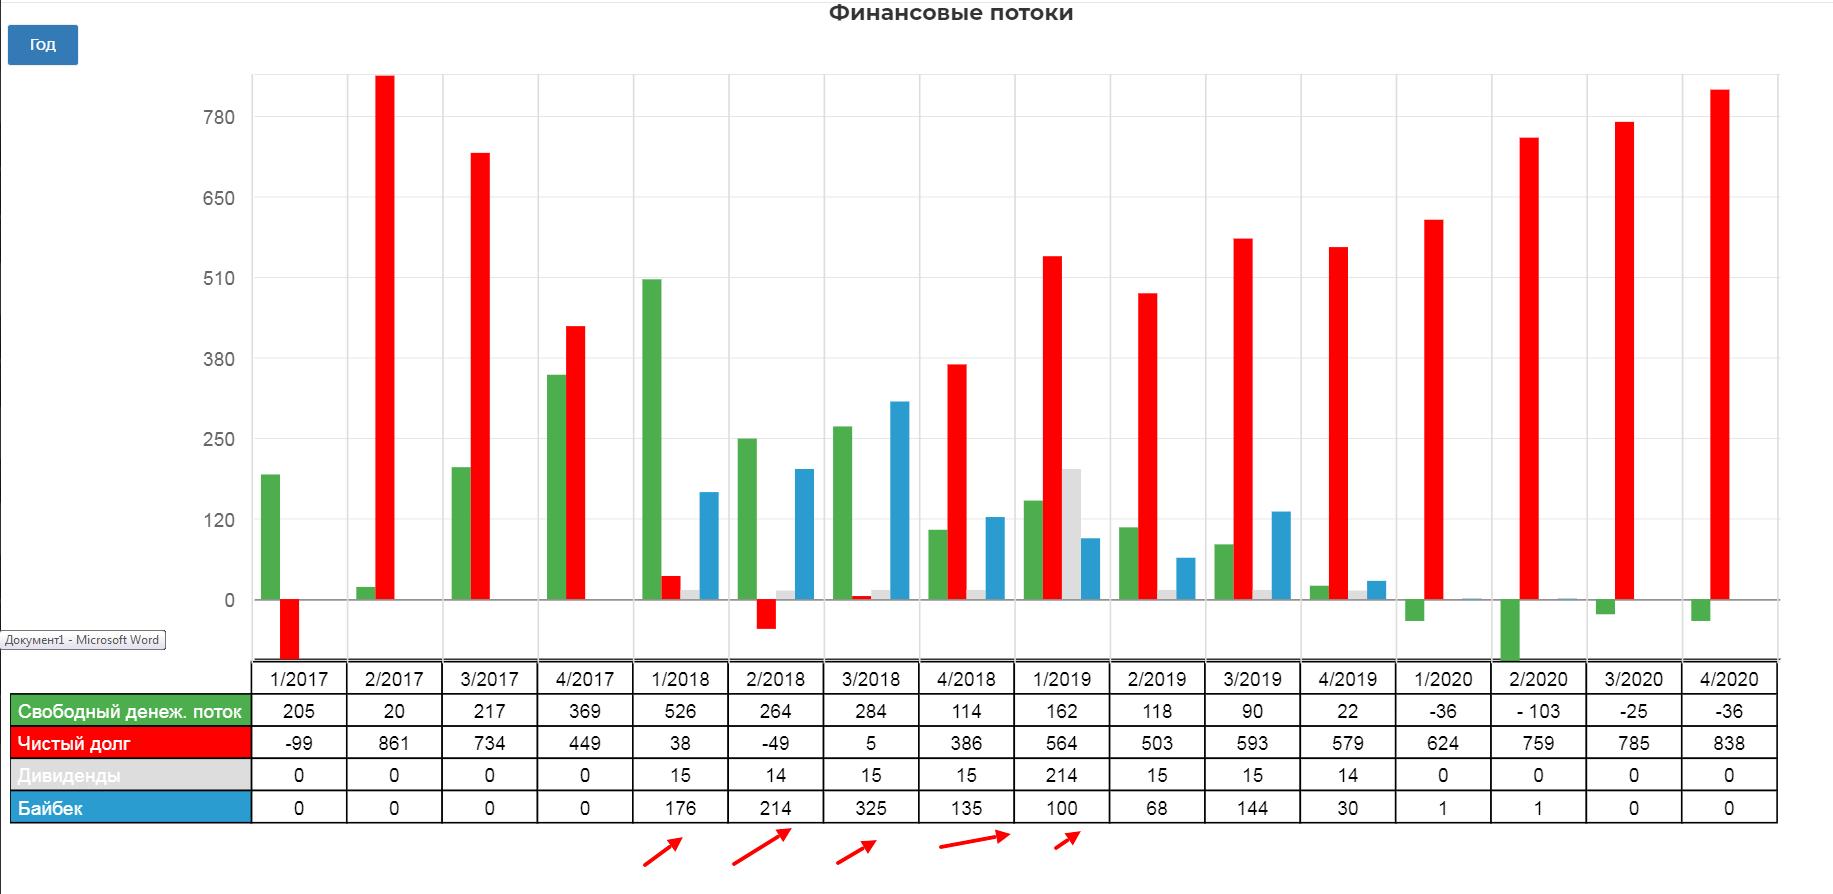 Peabody energy . Обзор финансовых показателей за 4-ый квартал 2020 года. Пример финансовой некромантии с анализом исторических показателей, котировок и прогноза погоды.